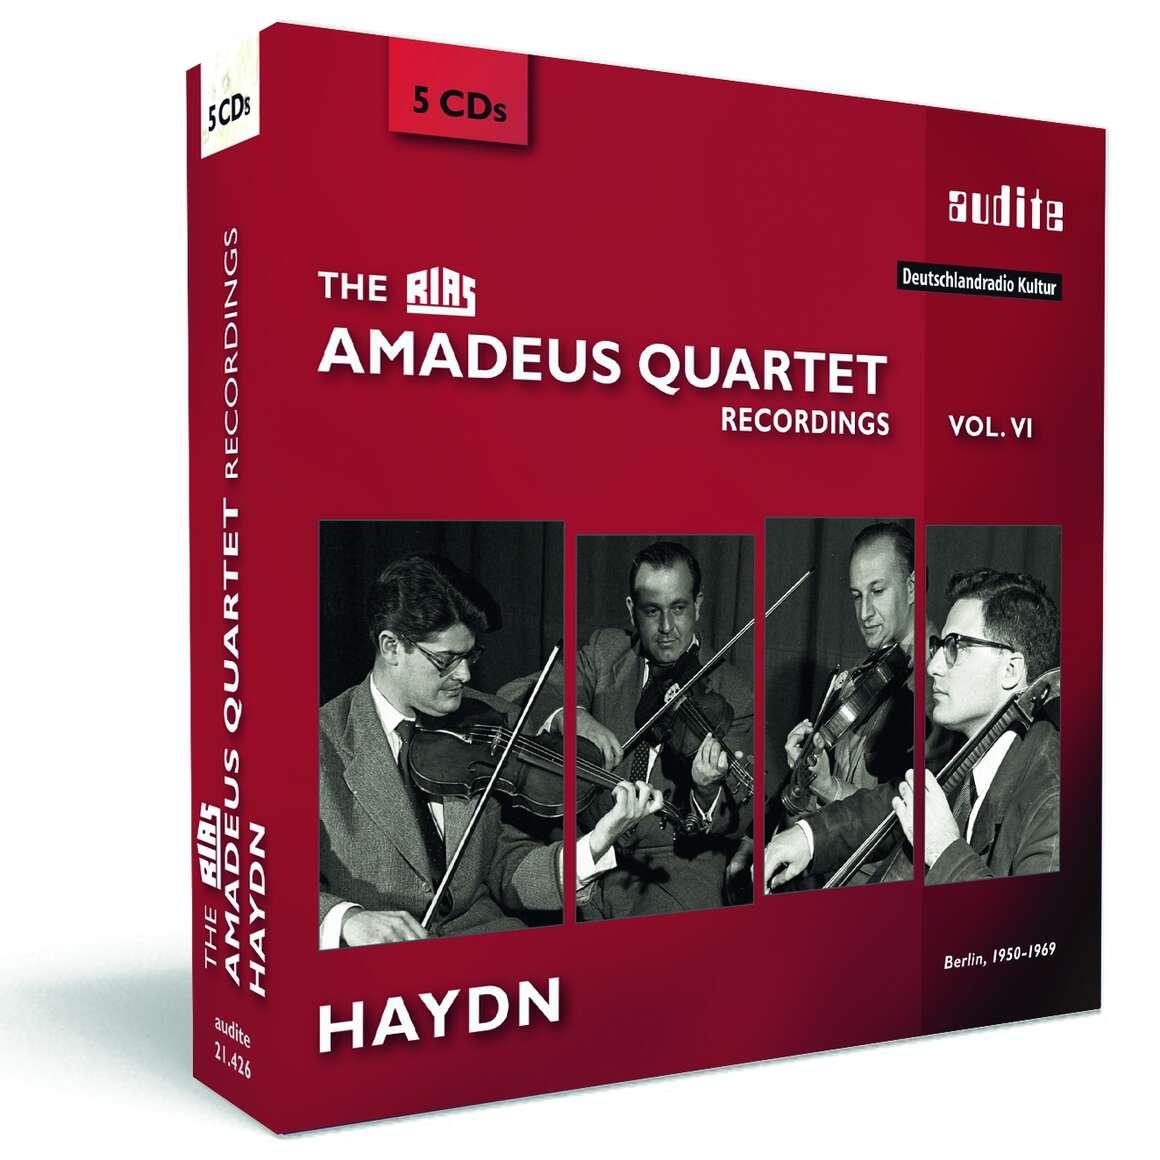 The RIAS Amadeus Quartet Haydn Recordings